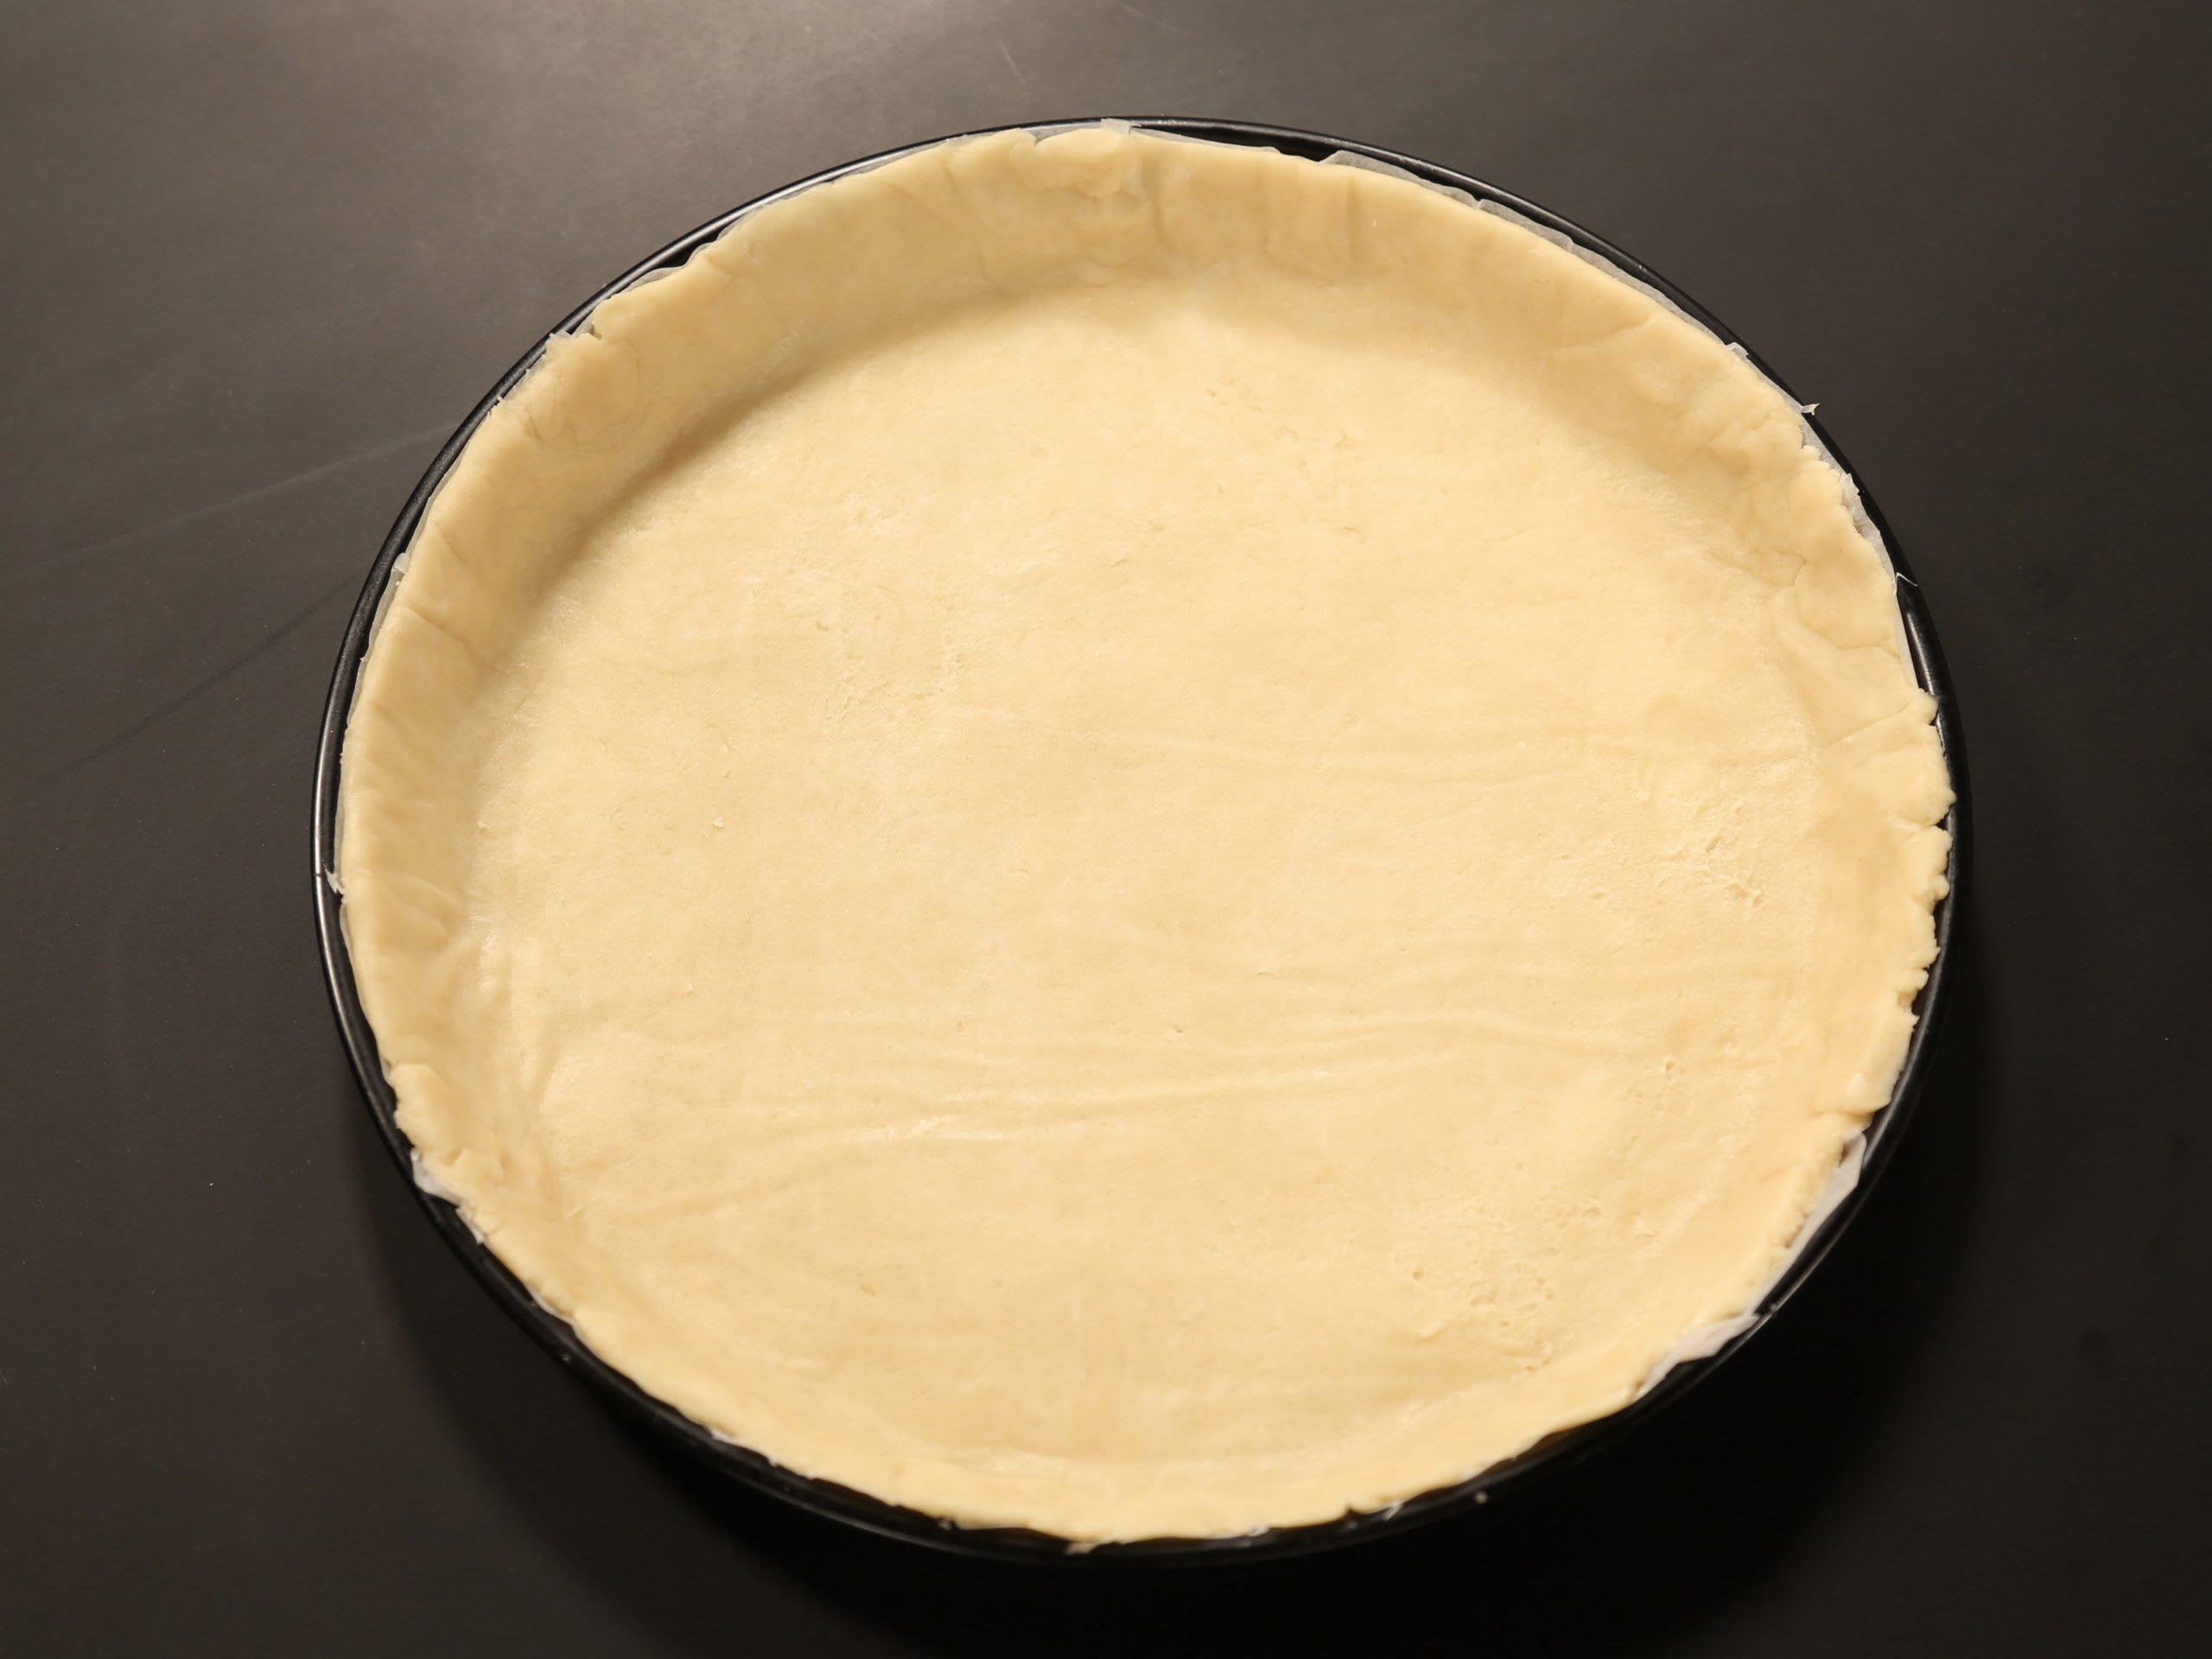 Pâte brisée (pâte à gâteau)